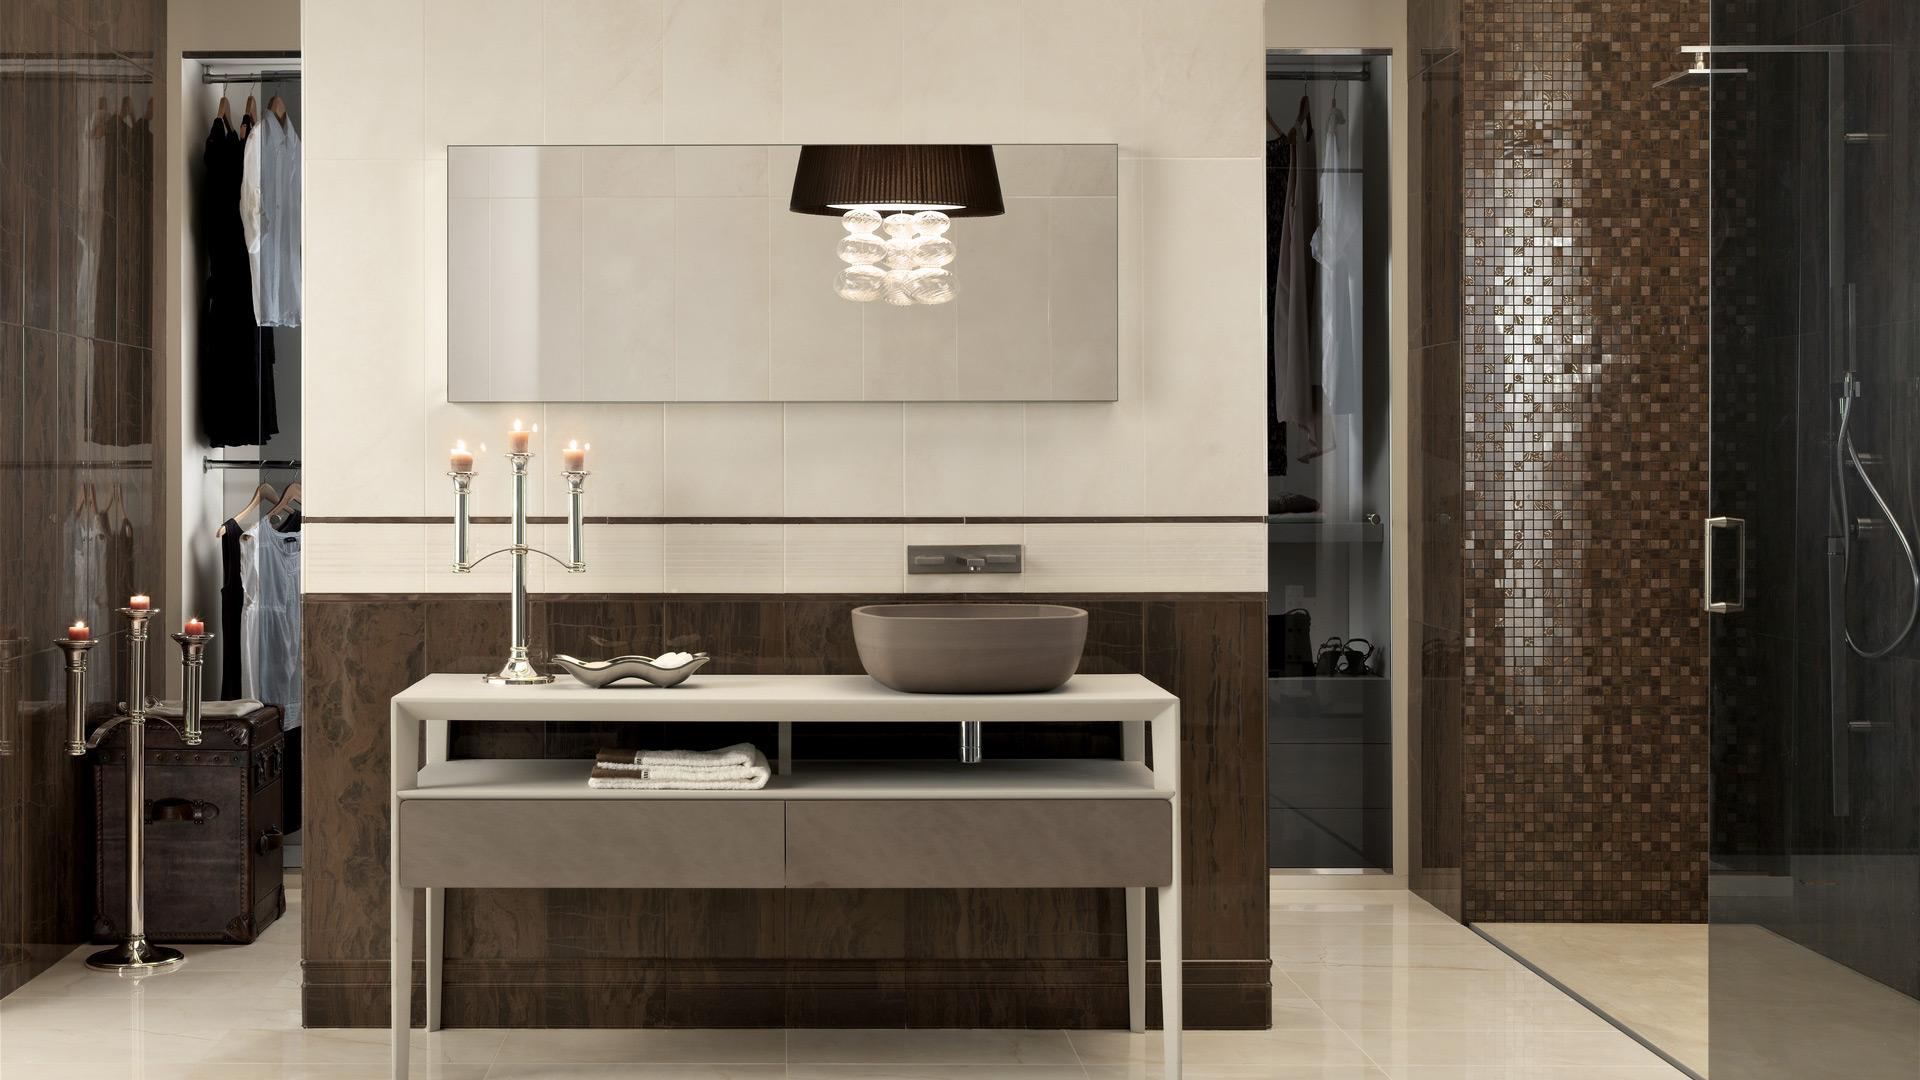 Piastrelle bagno offerte best mobile with piastrelle bagno offerte gallery of pavimenti e - Rinnovare vasca da bagno prezzi ...